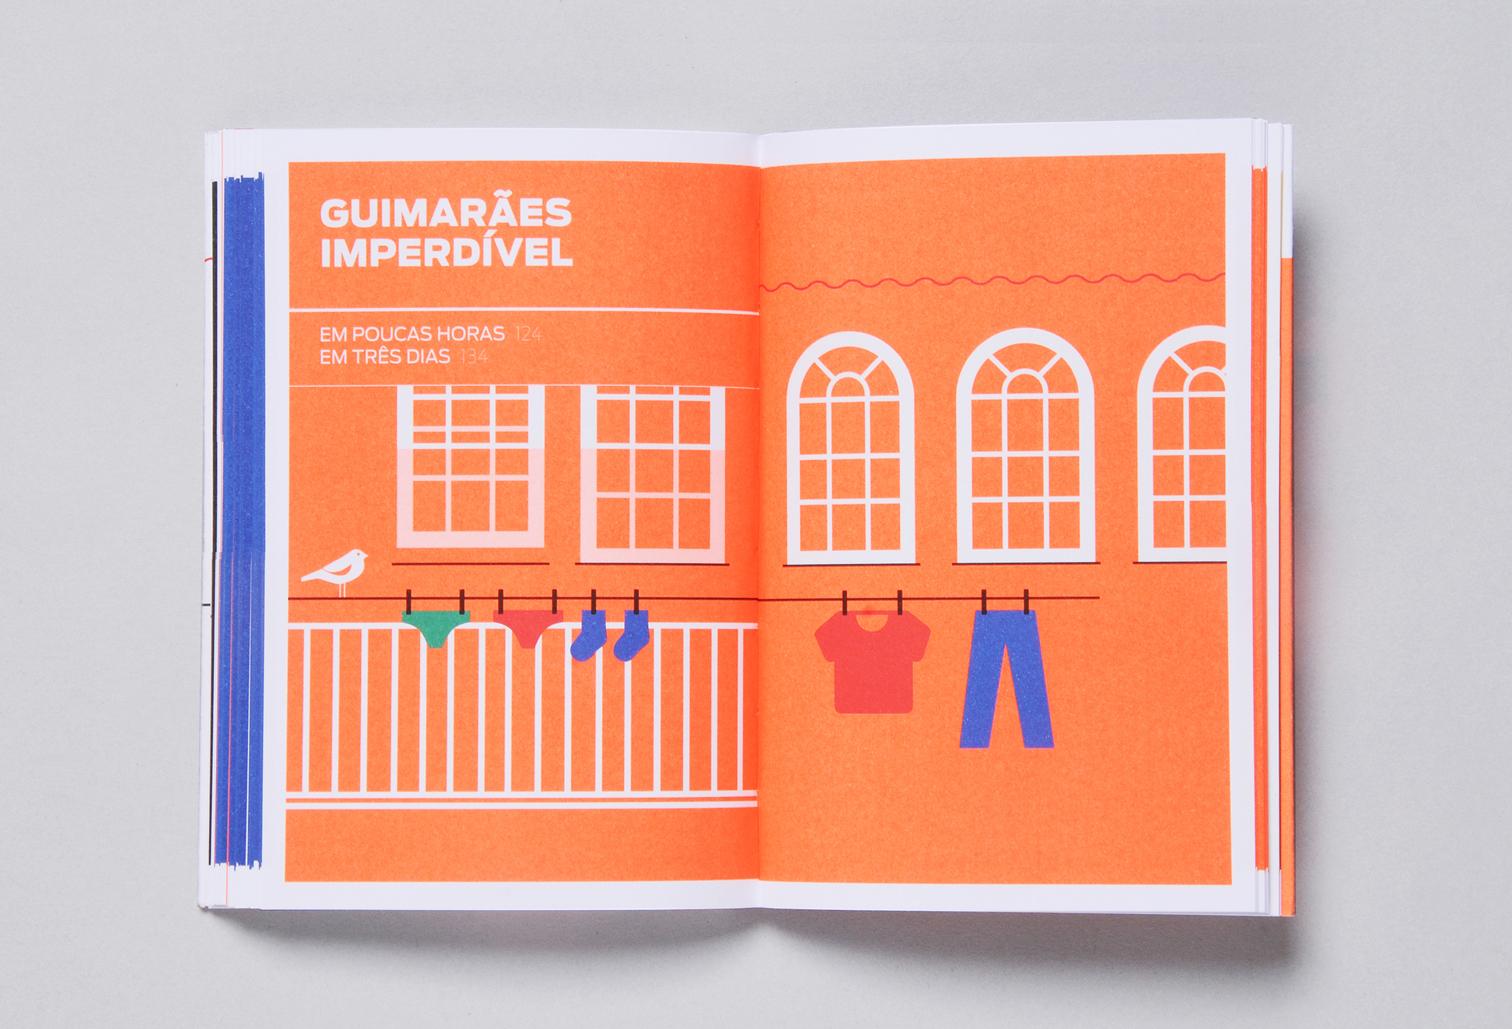 Guimarães Imperdível-miolo